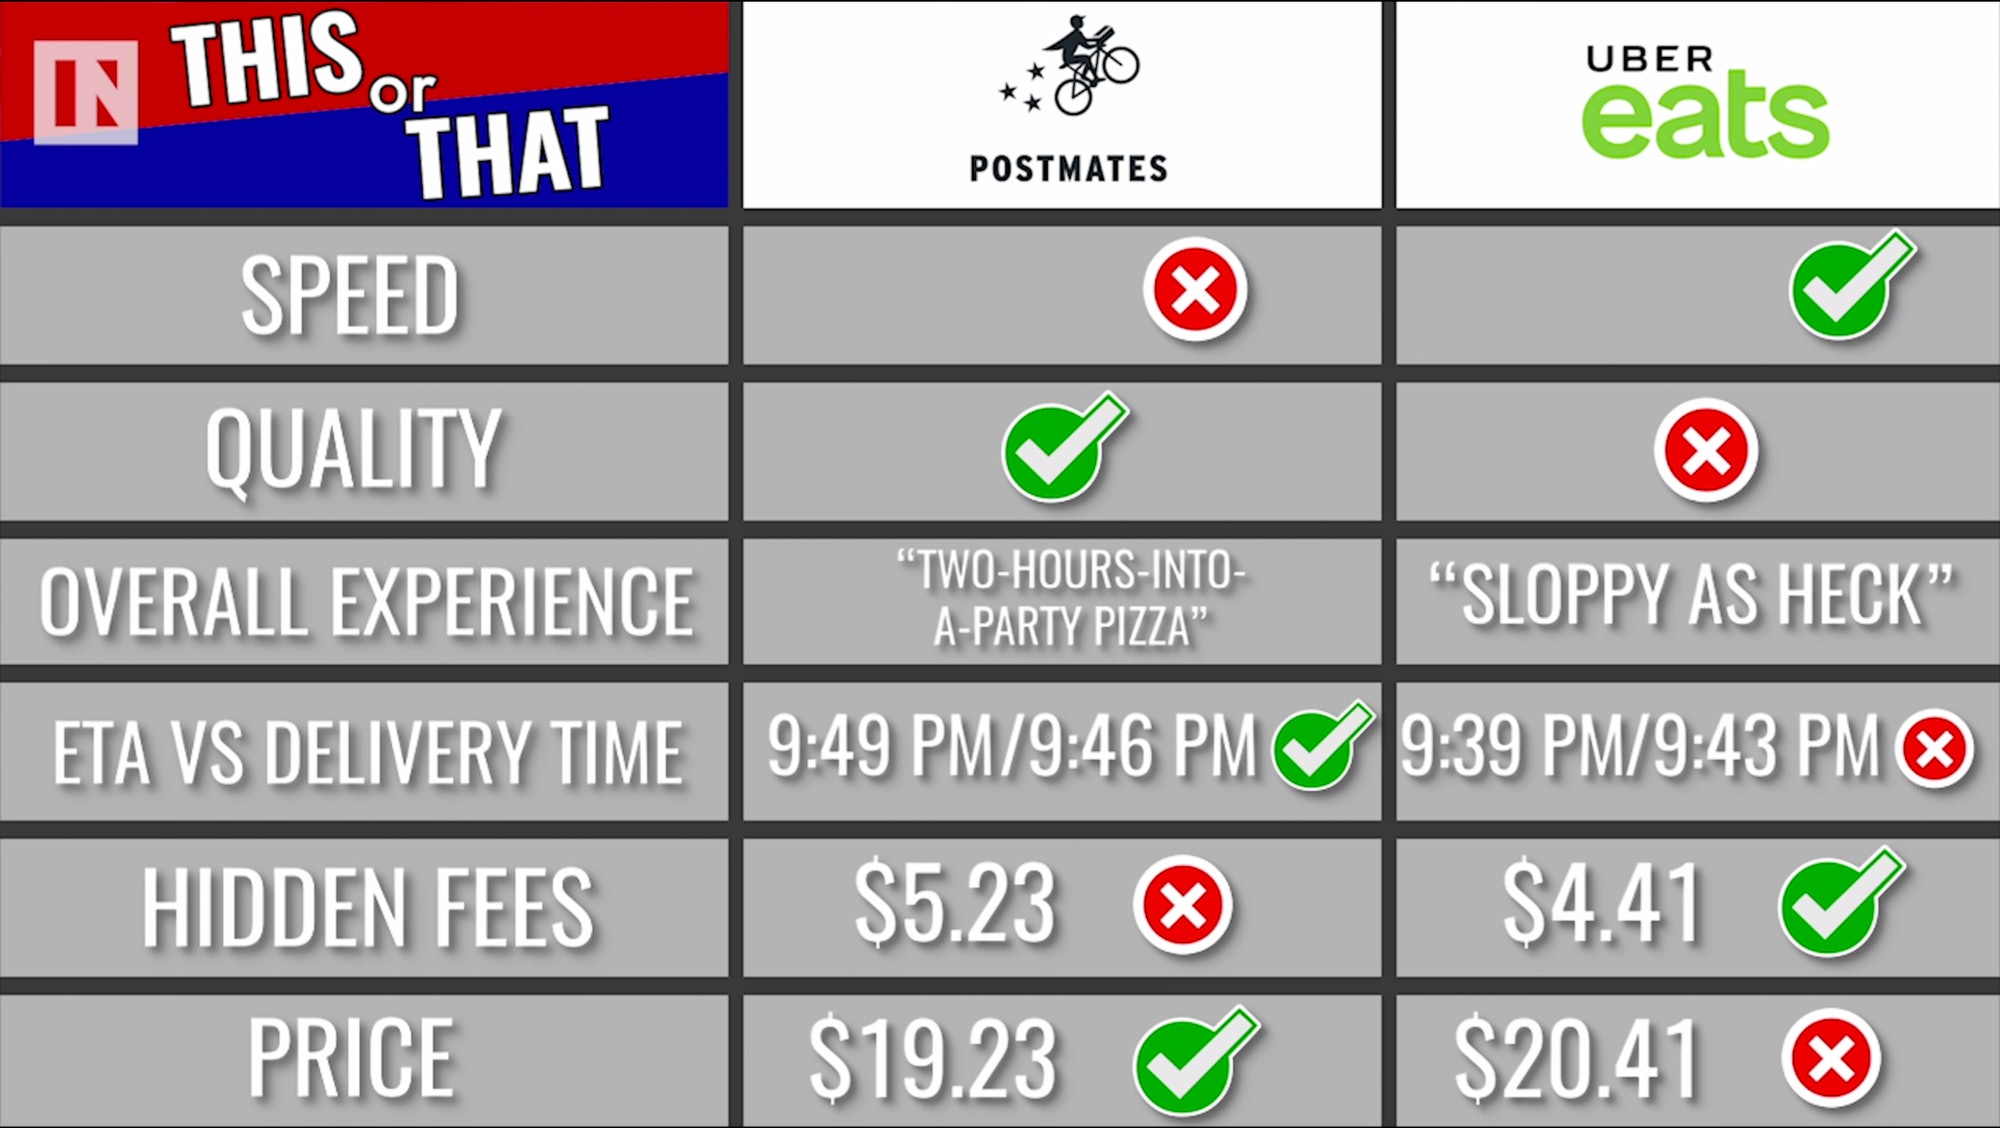 Uber Eats vs. Postmates